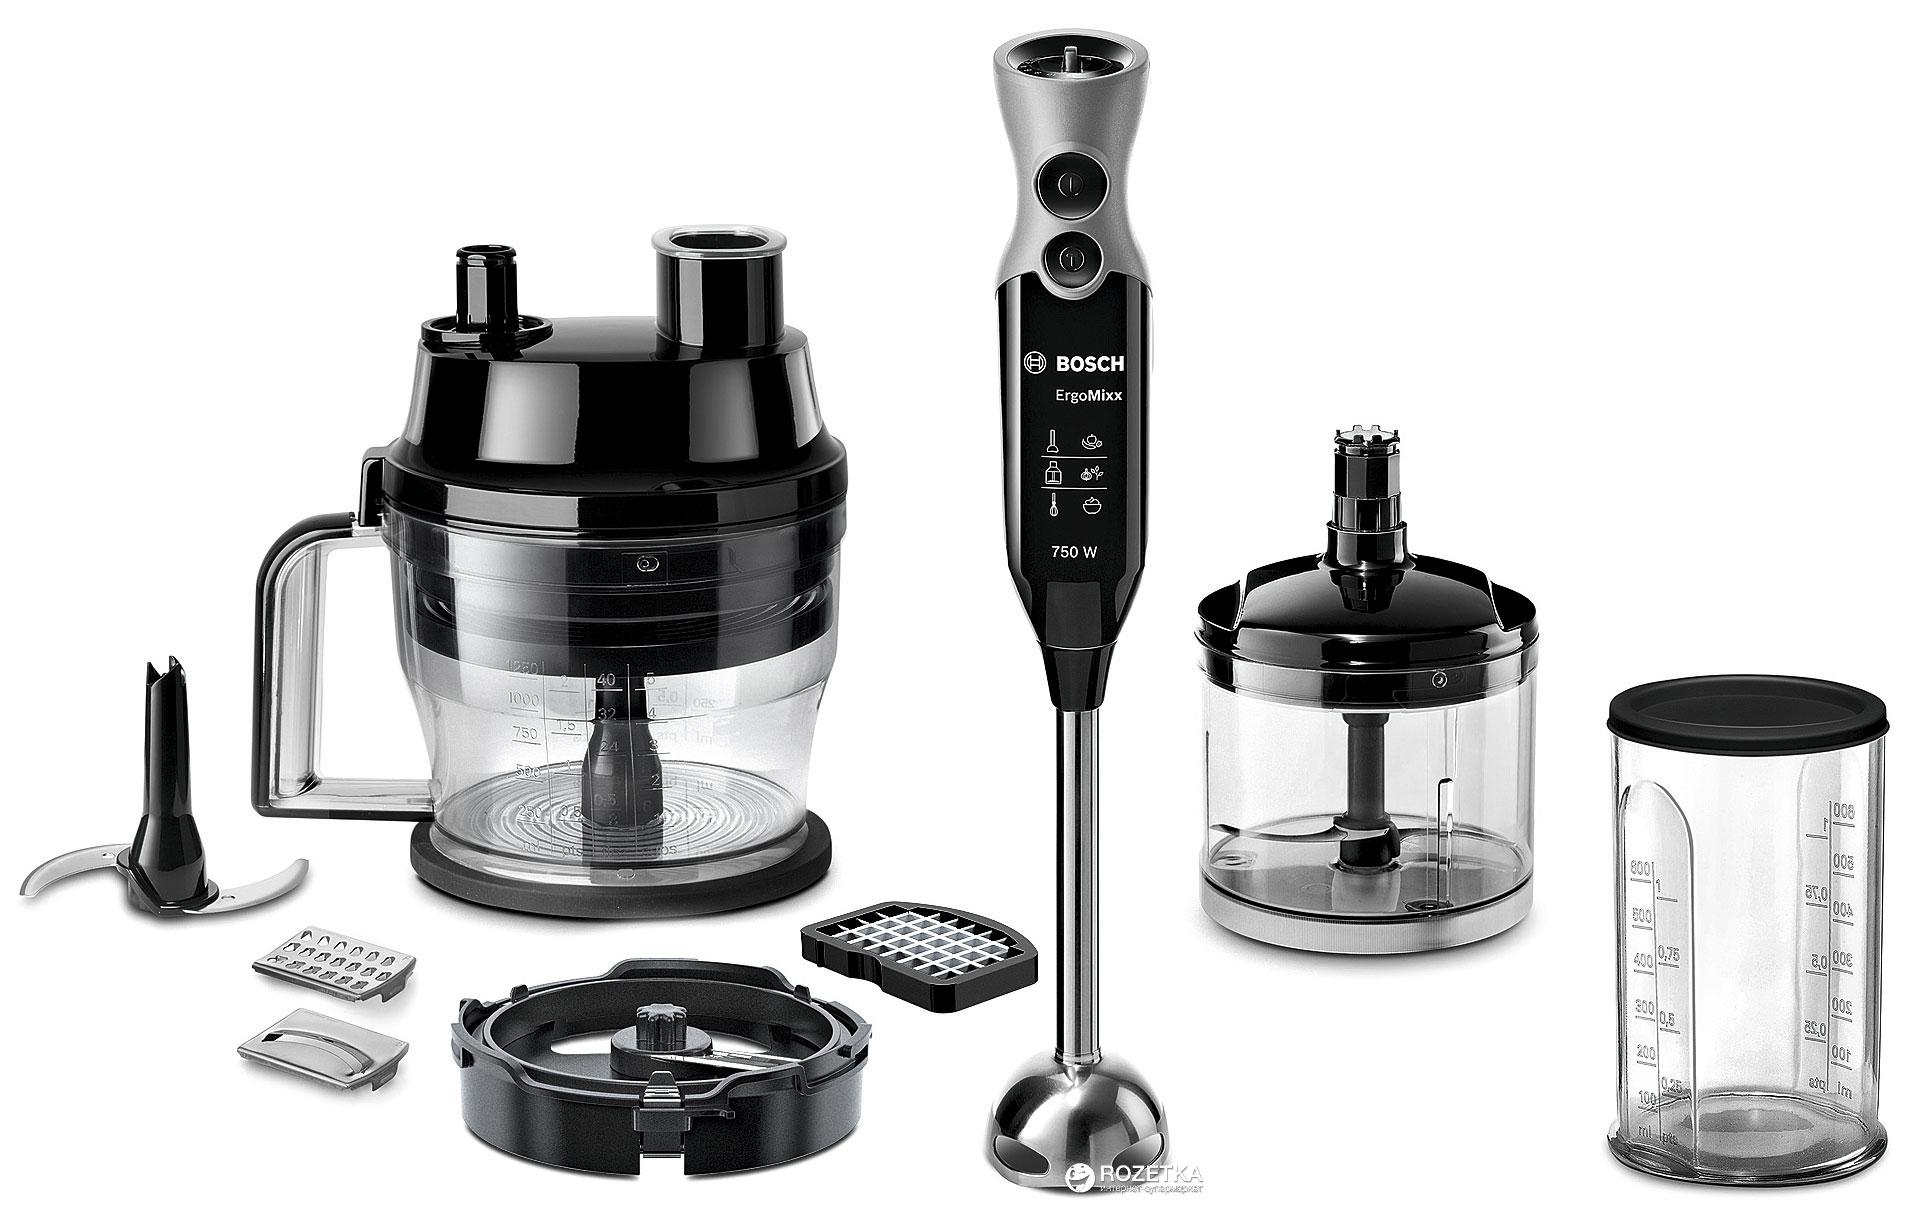 Качественная бытовая техника для кухни по доступным ценам